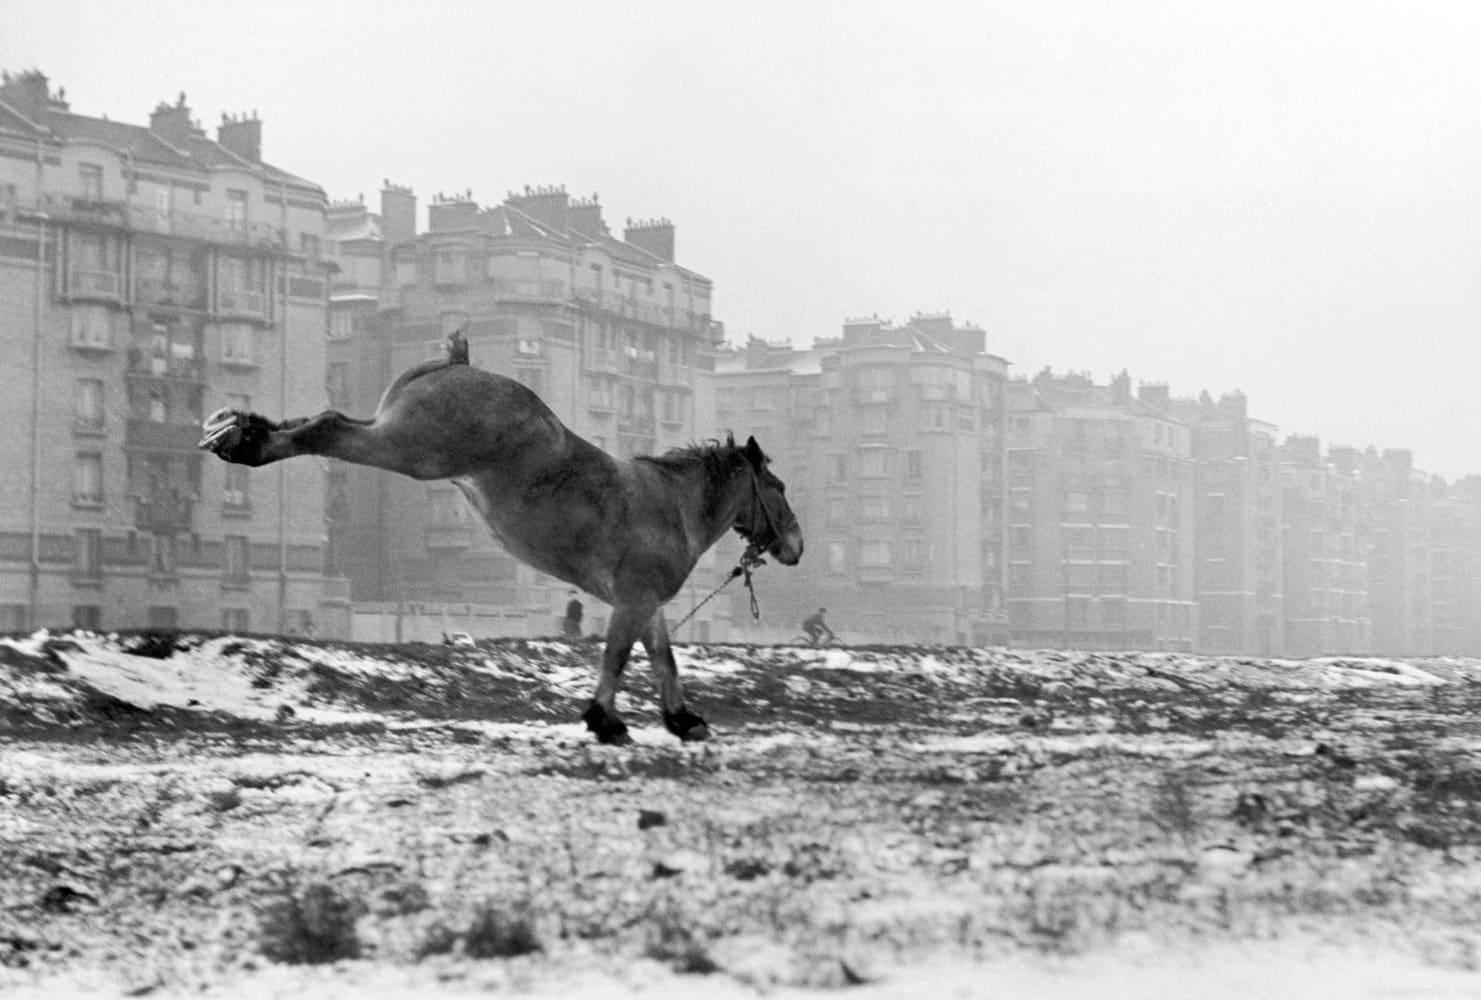 Sabine Weiss, Porte de Vanves, Paris, 1951